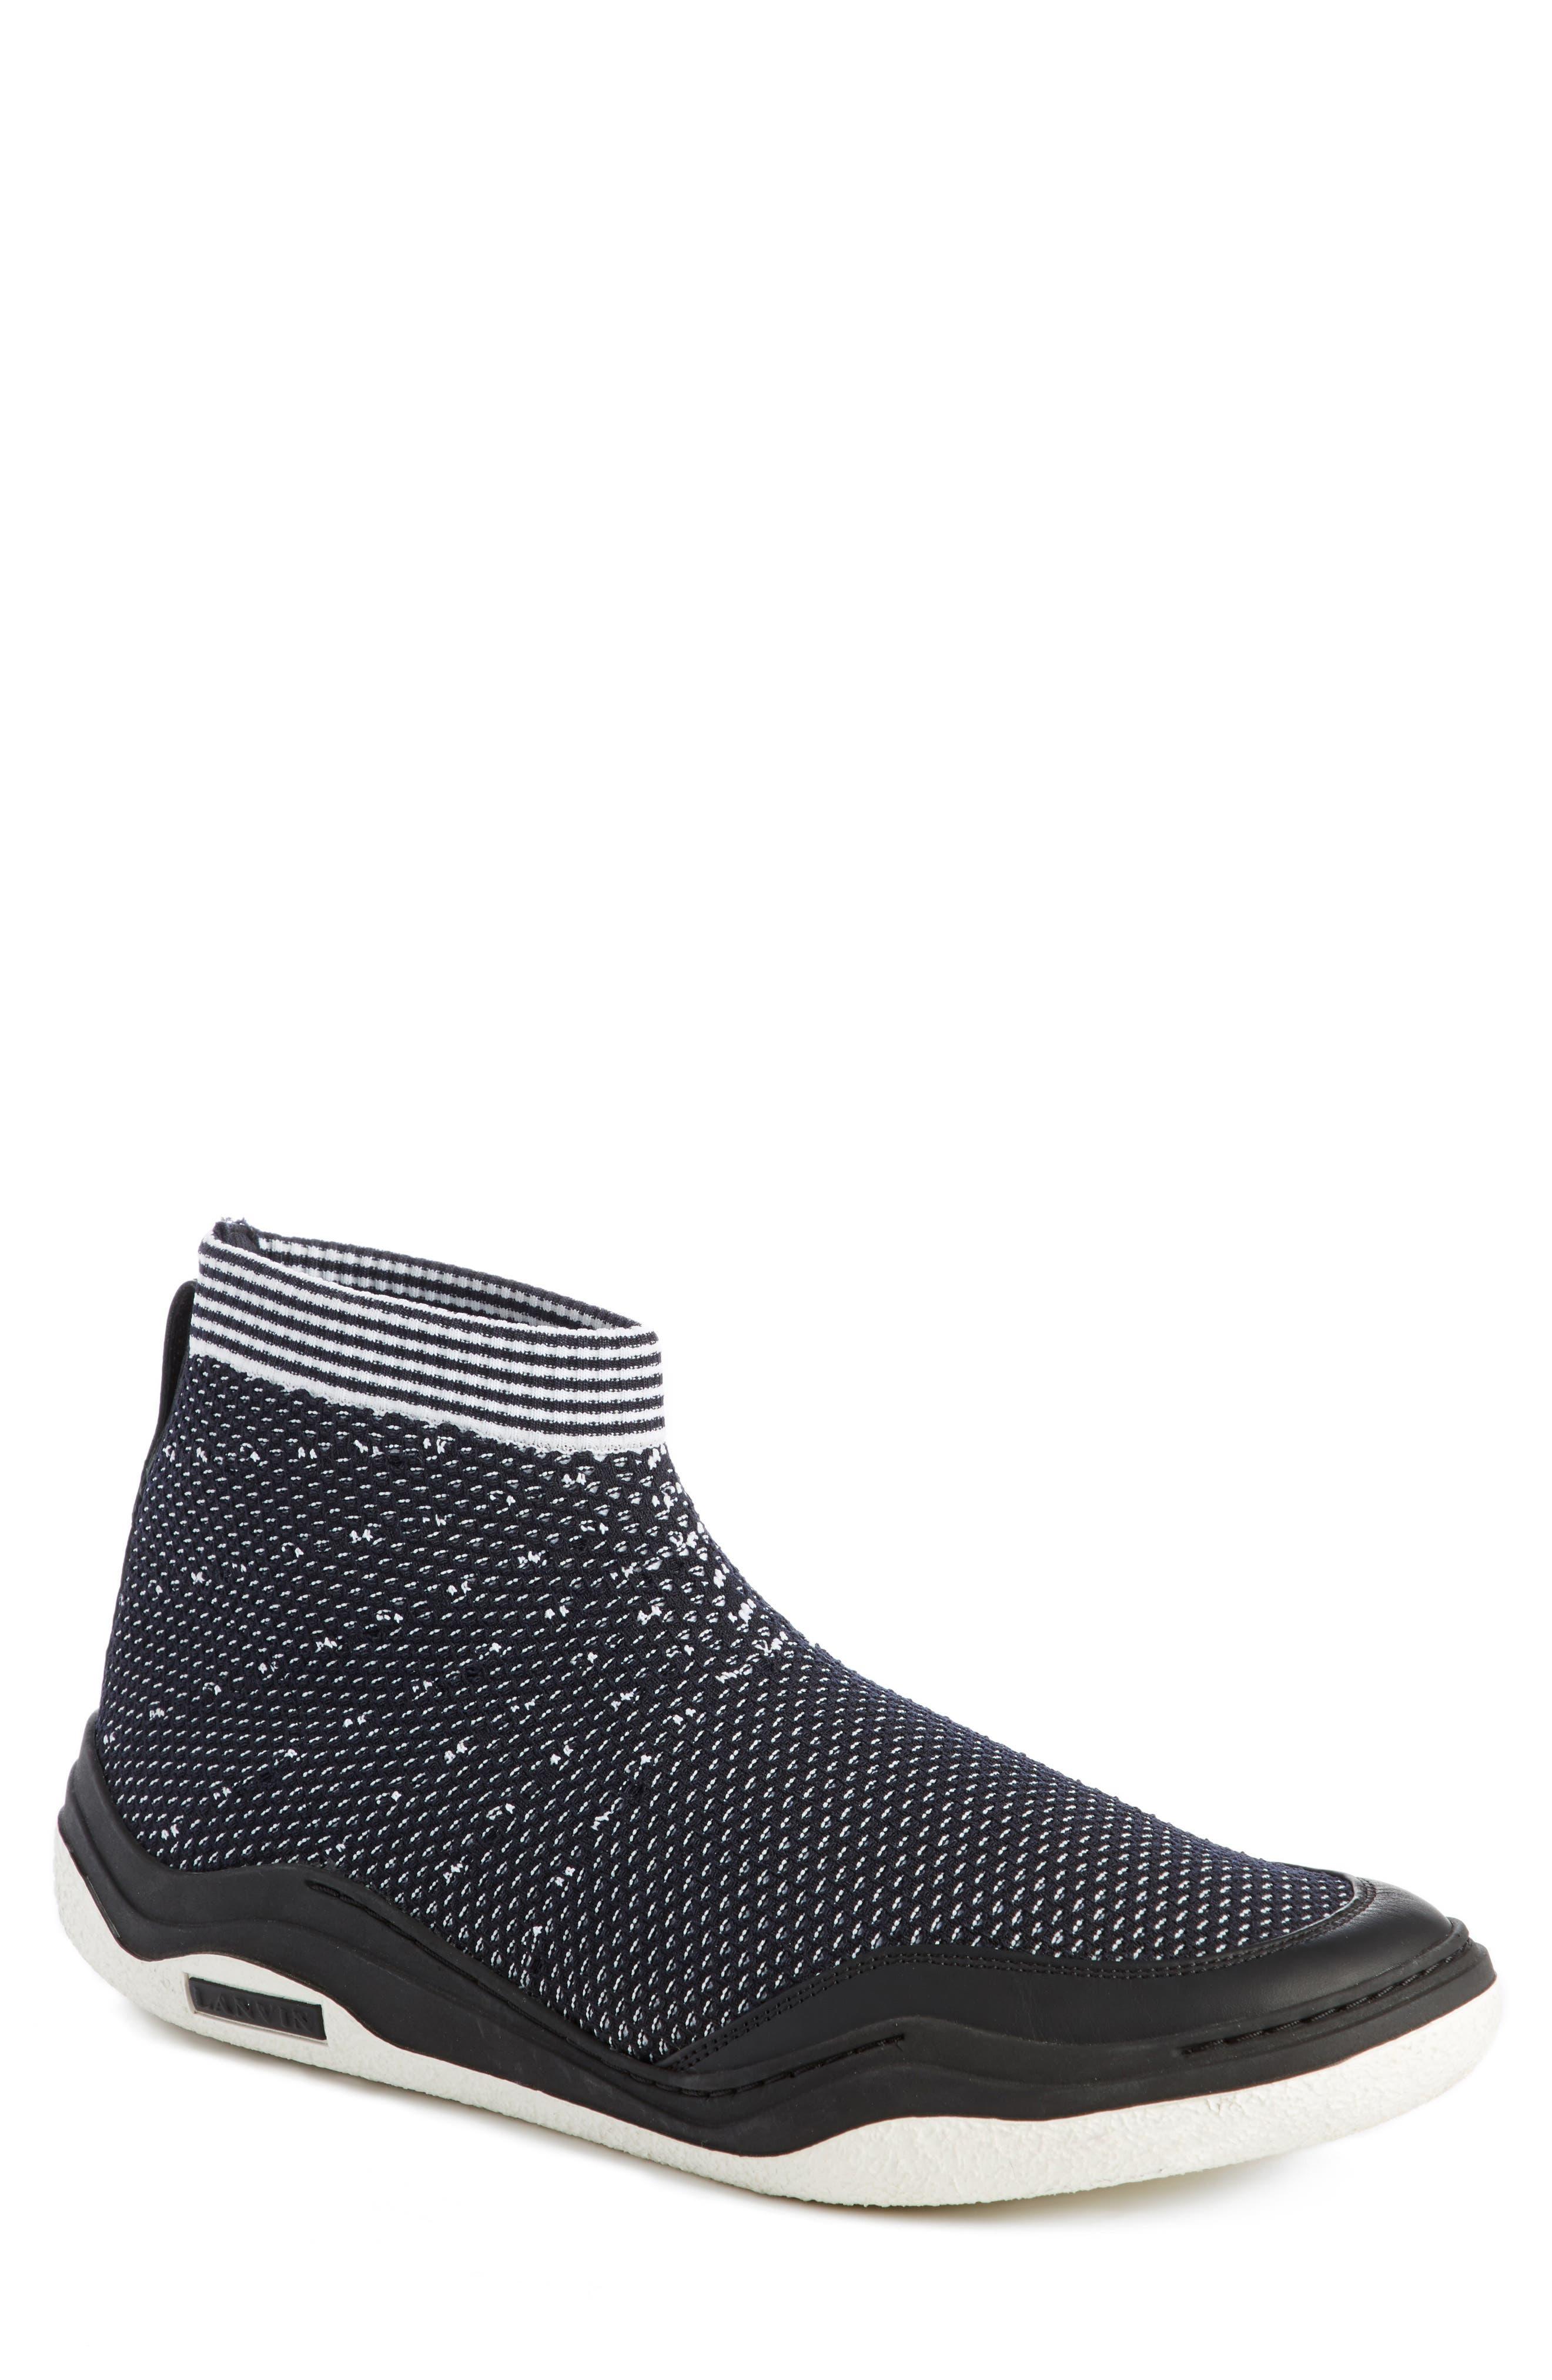 Lanvin Knit Sneaker (Men)